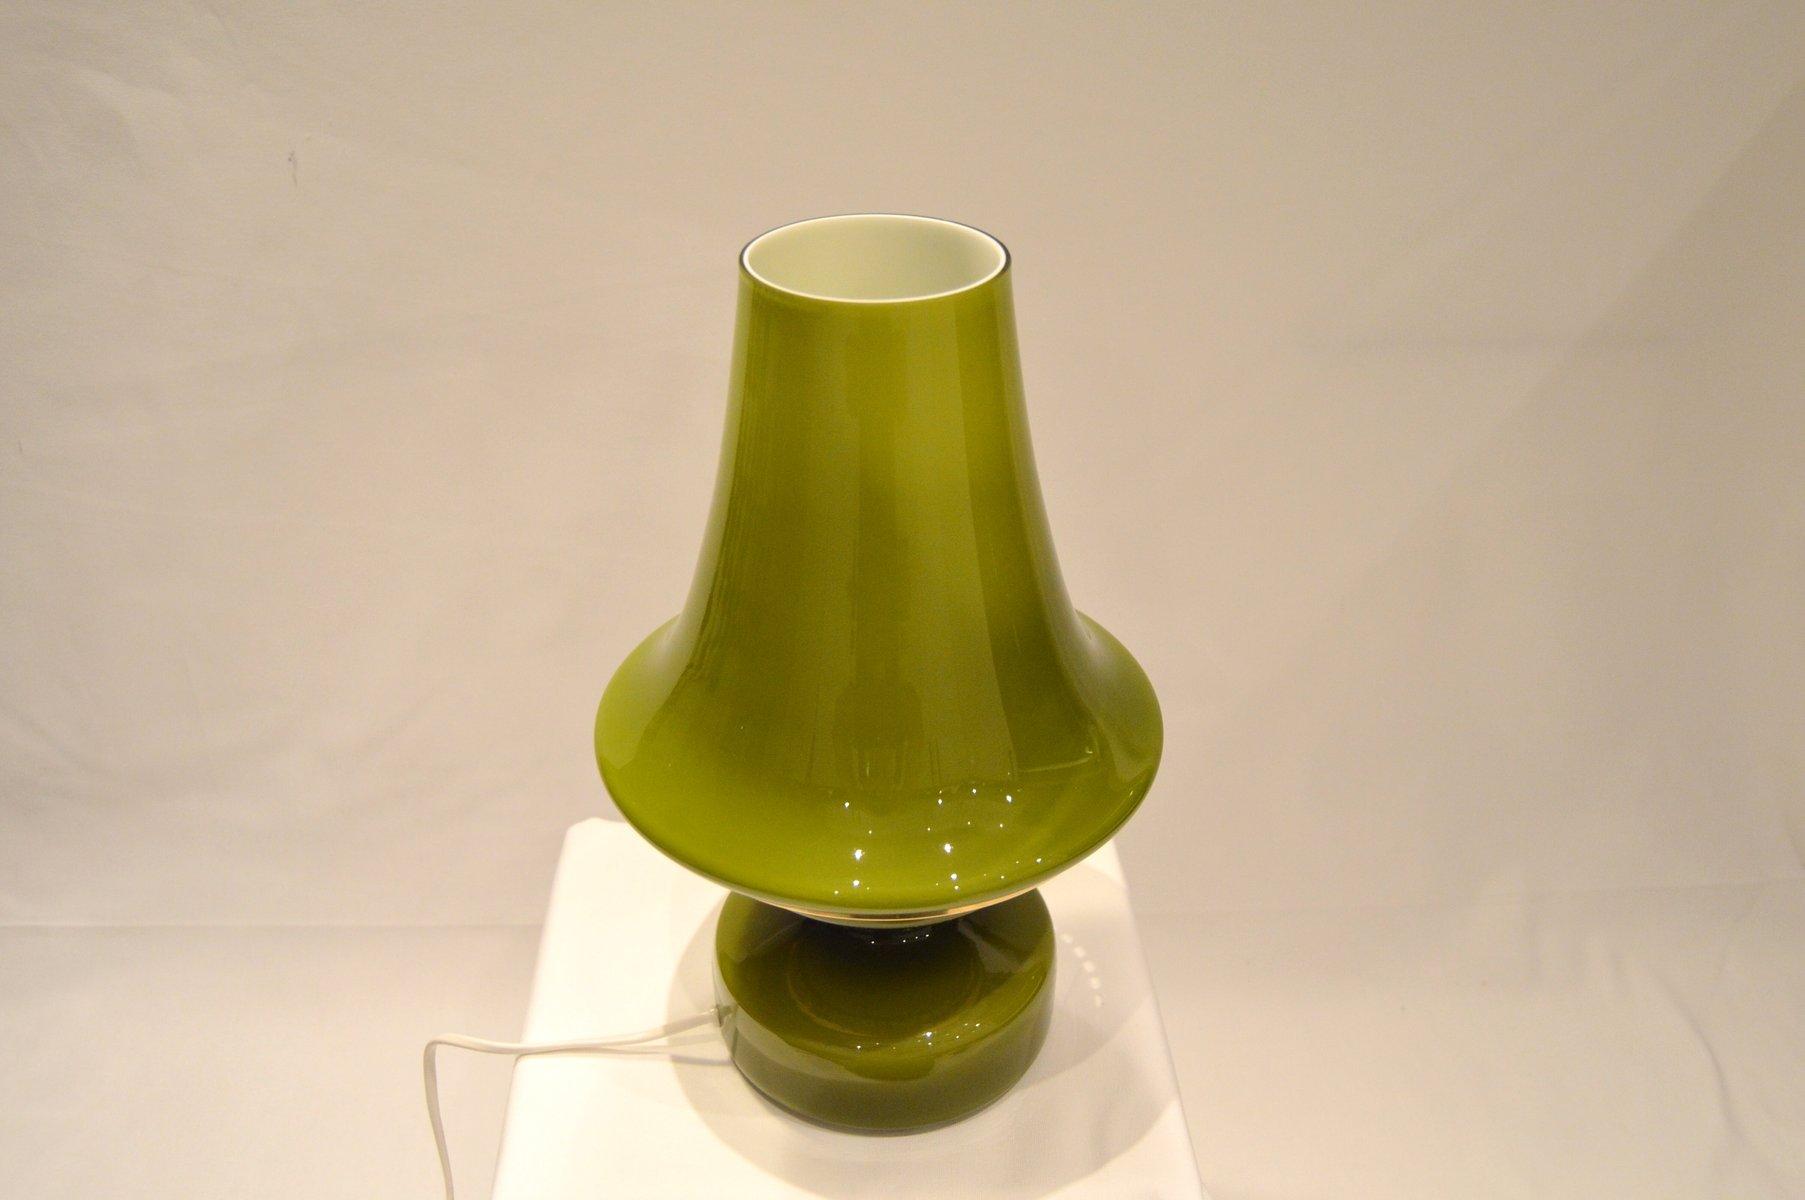 Lampada da tavolo b124 mid century verde di hans agne jakobsson in vendita su pamono for Lampada da tavolo verde